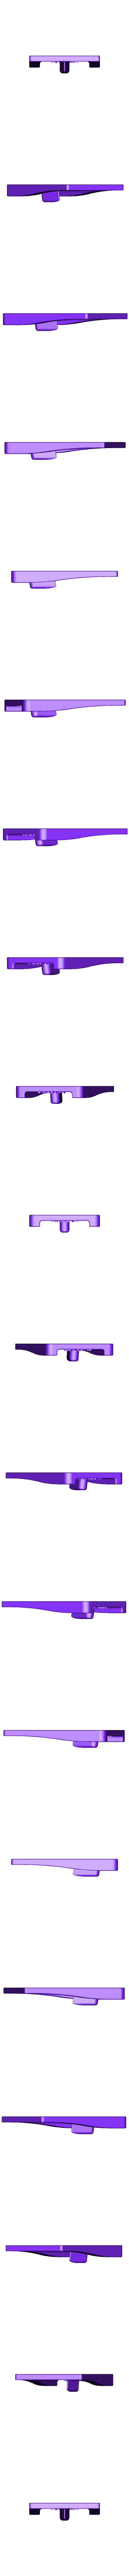 enforce_53_screws.stl Download free STL file Tool Holder for Wrecking Bar Large (530mm) 037 I ENFORCE I for screws or peg board • 3D printing object, Wiesemann1893